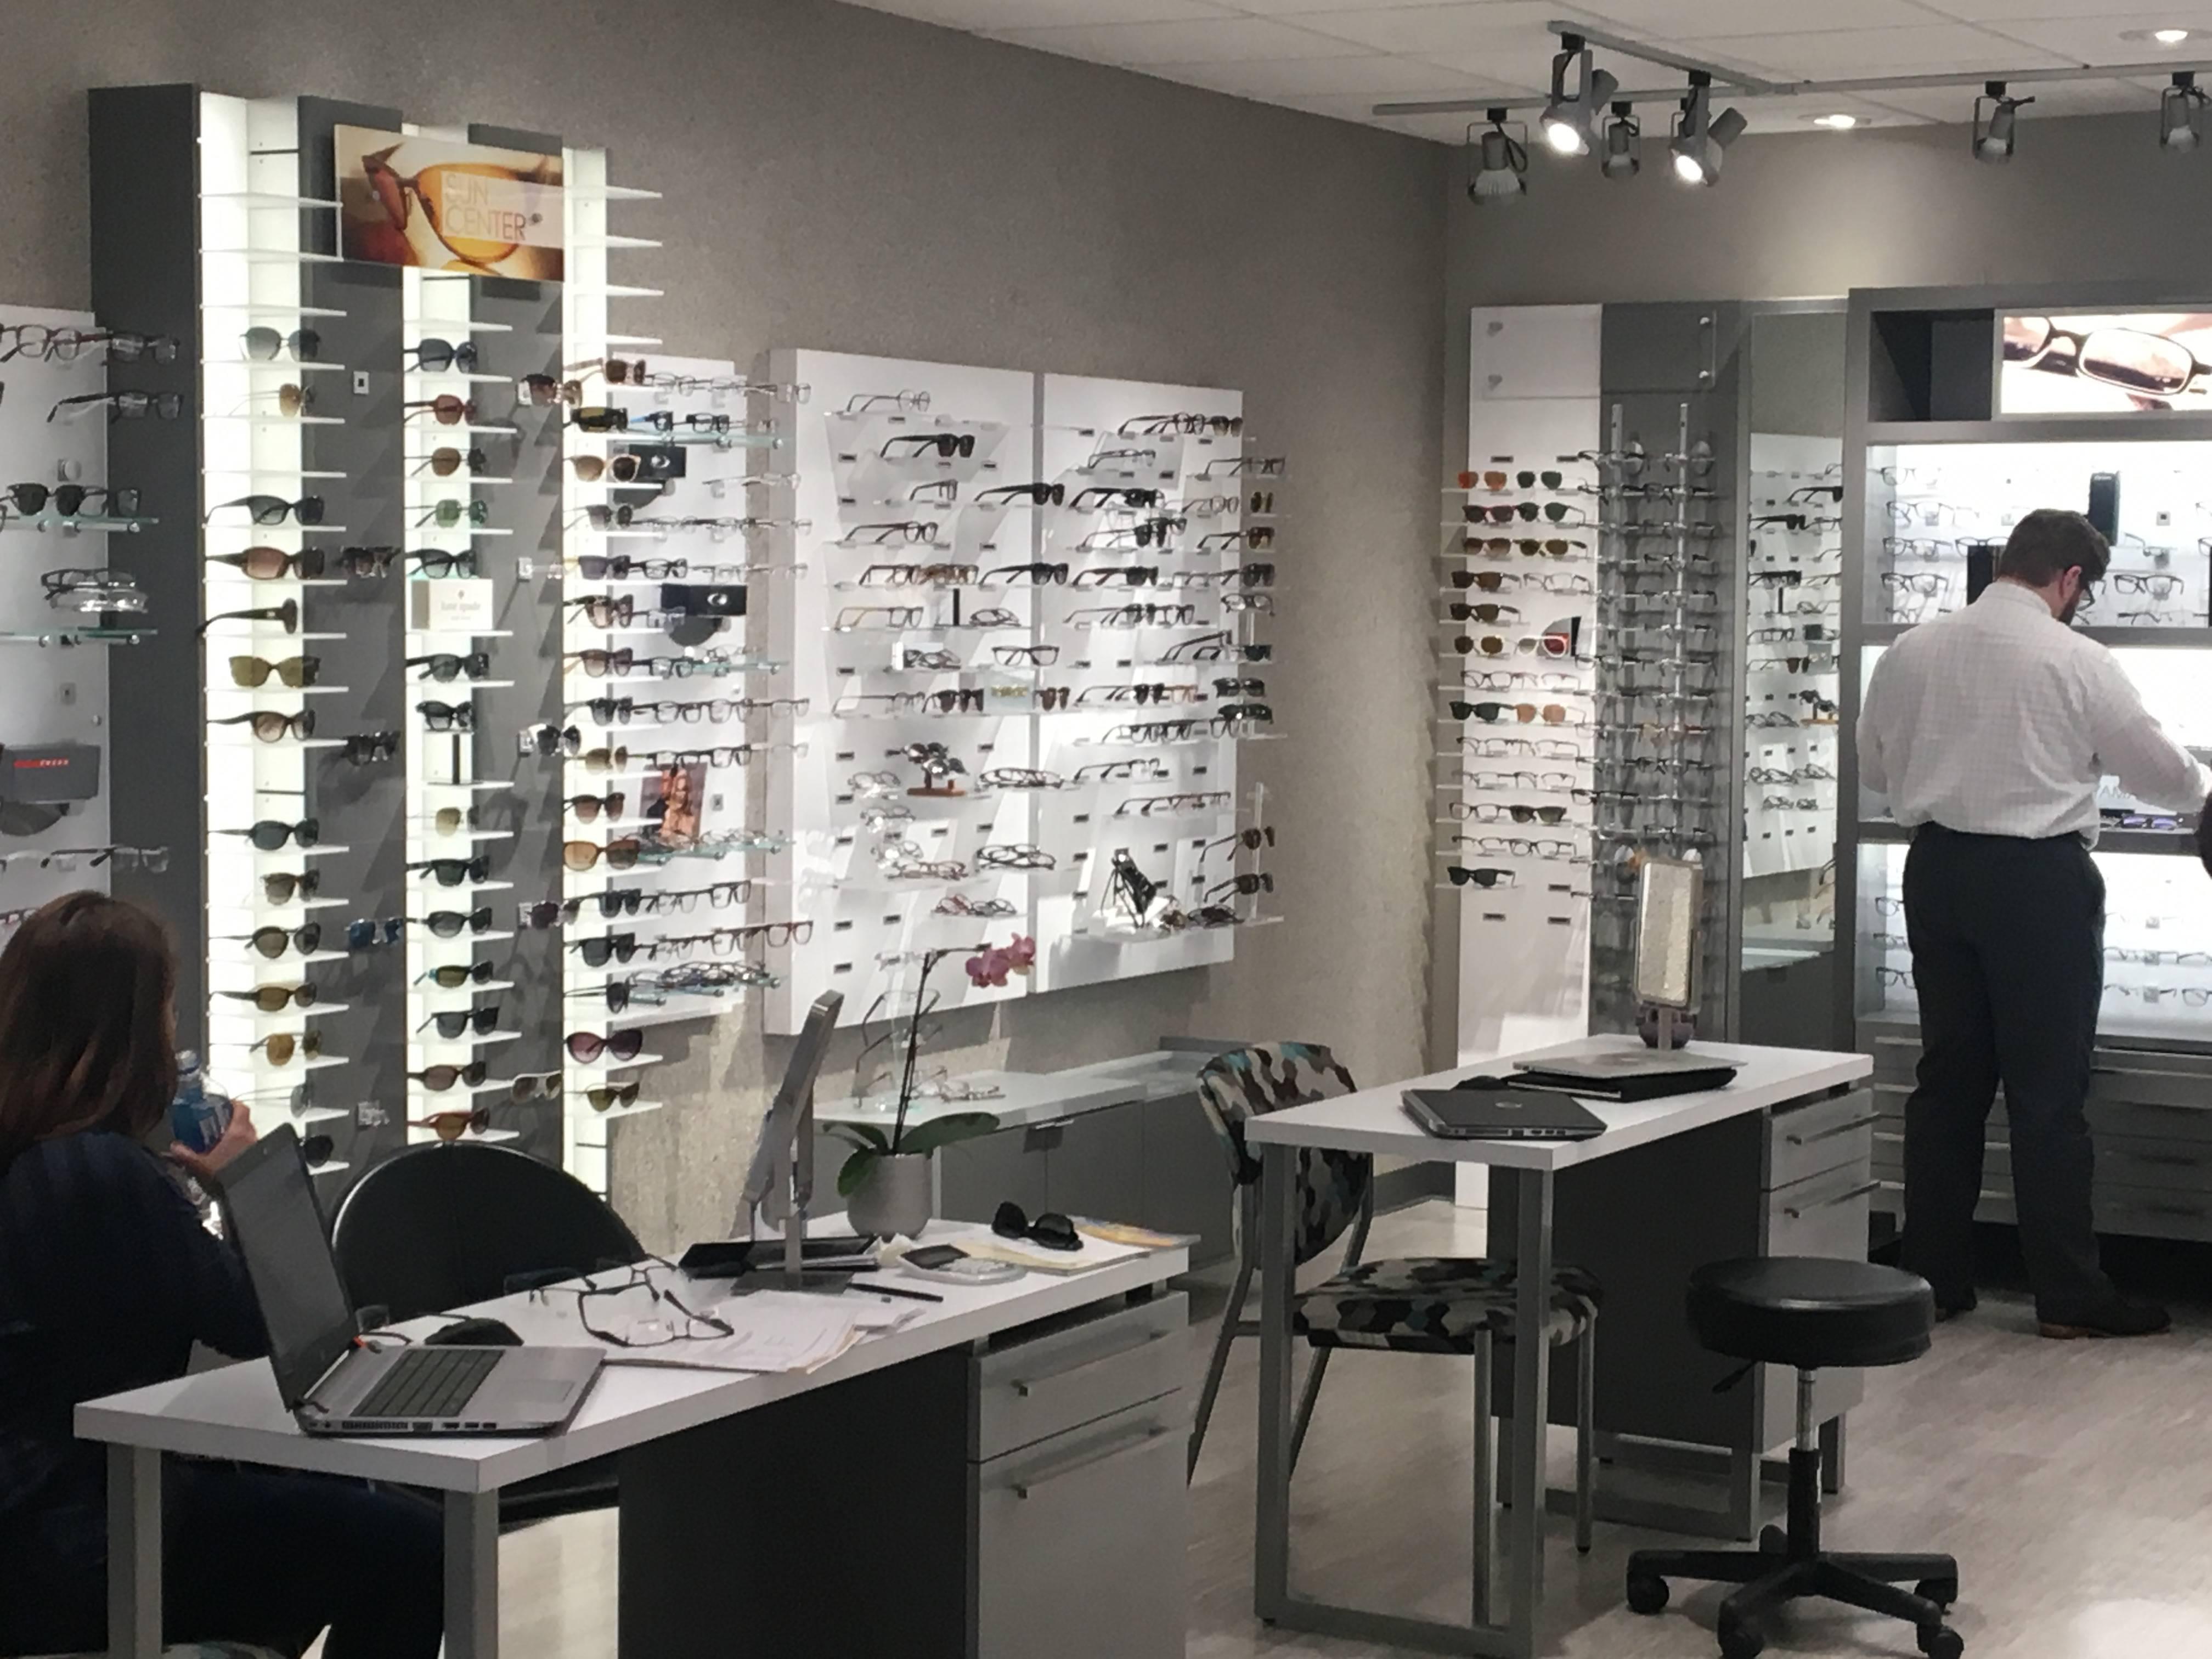 Optometrist, Eyeglasses Showroom in Dallas, TX.